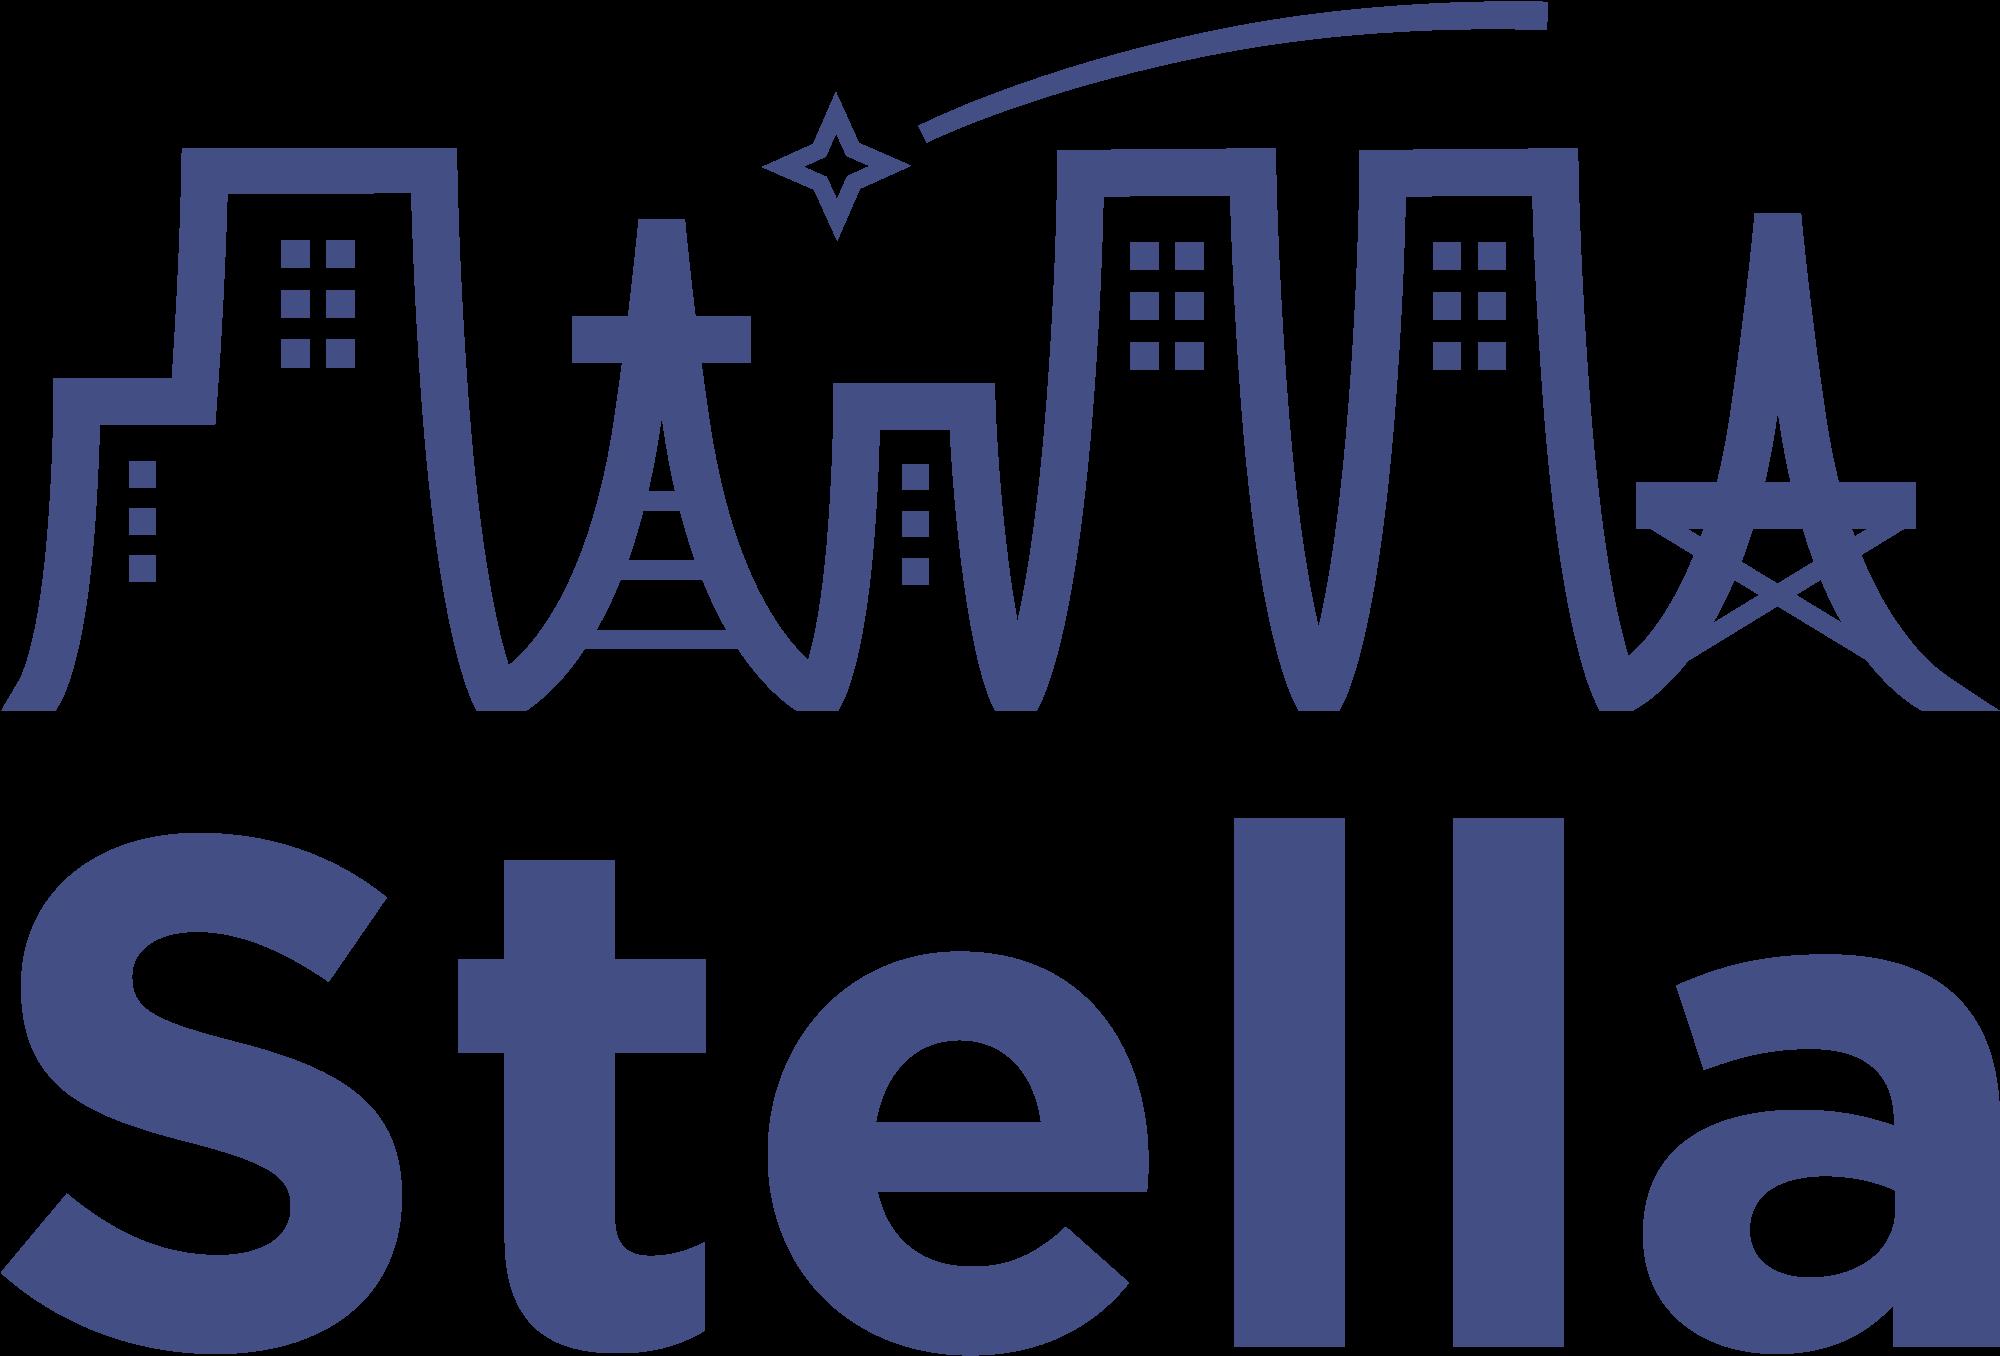 株式会社ステラ 渋谷×秋葉原×ベンチャーIT会社